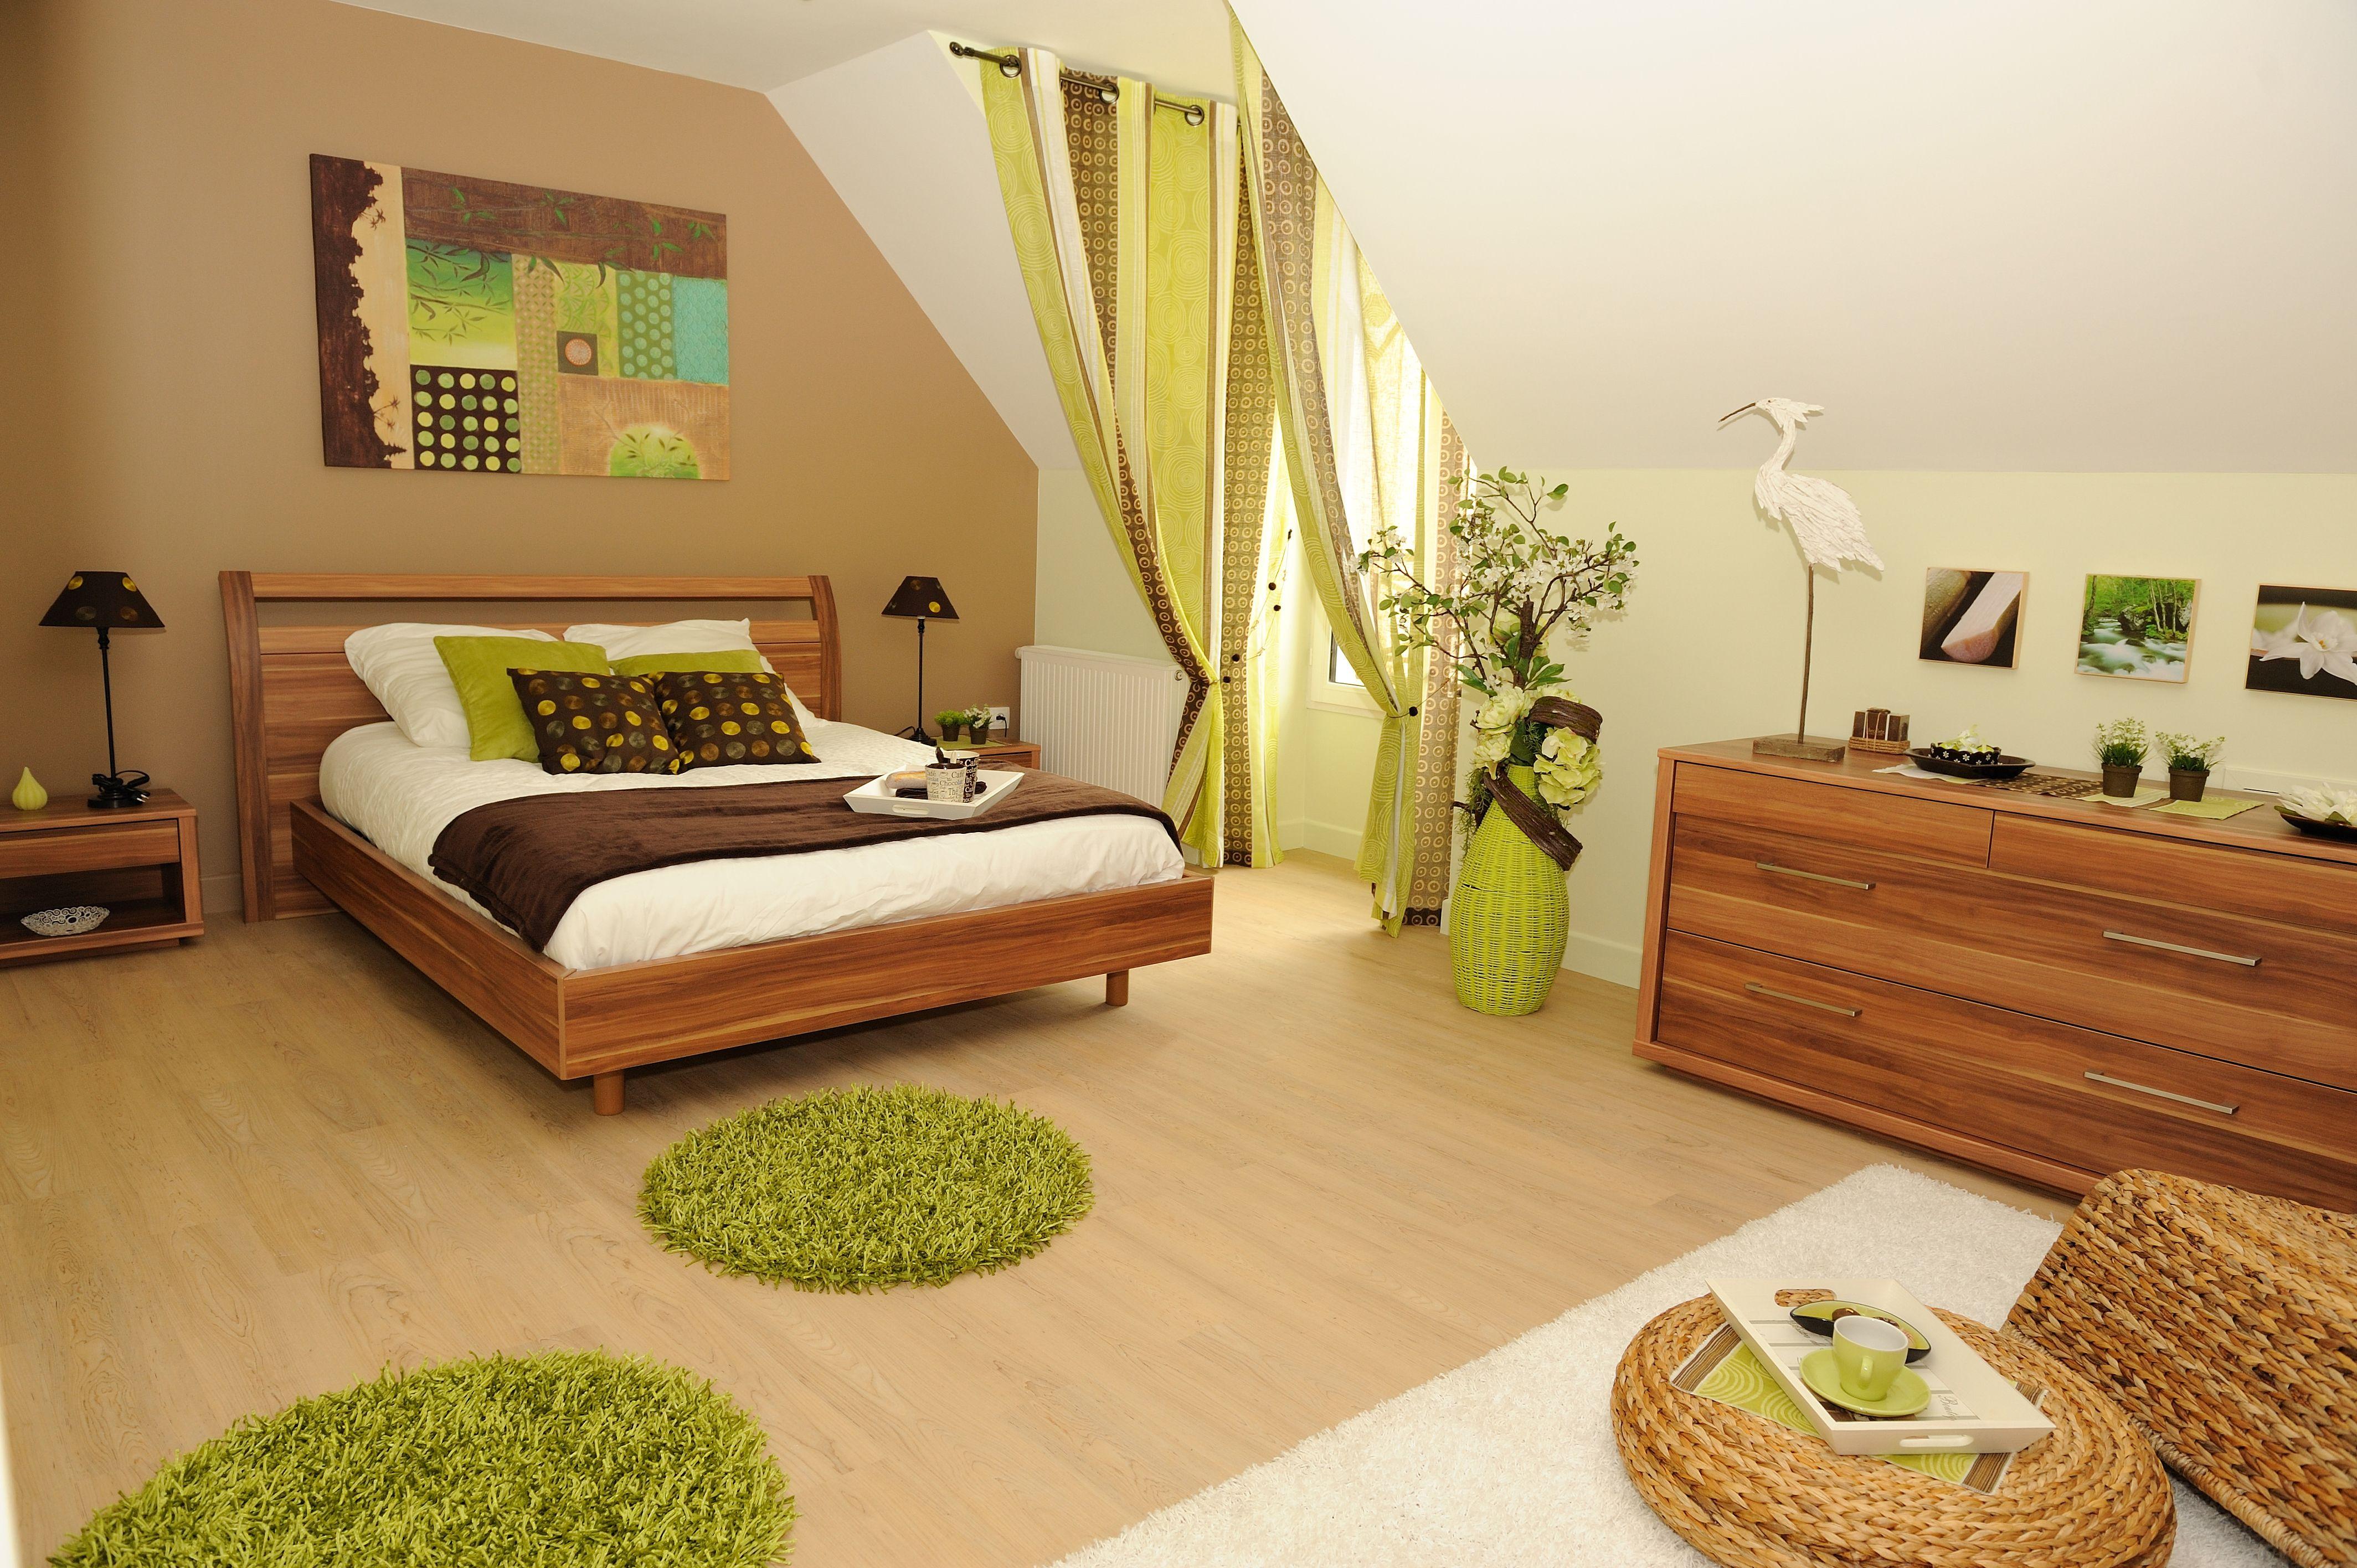 Modele Decoration Chambre Zen